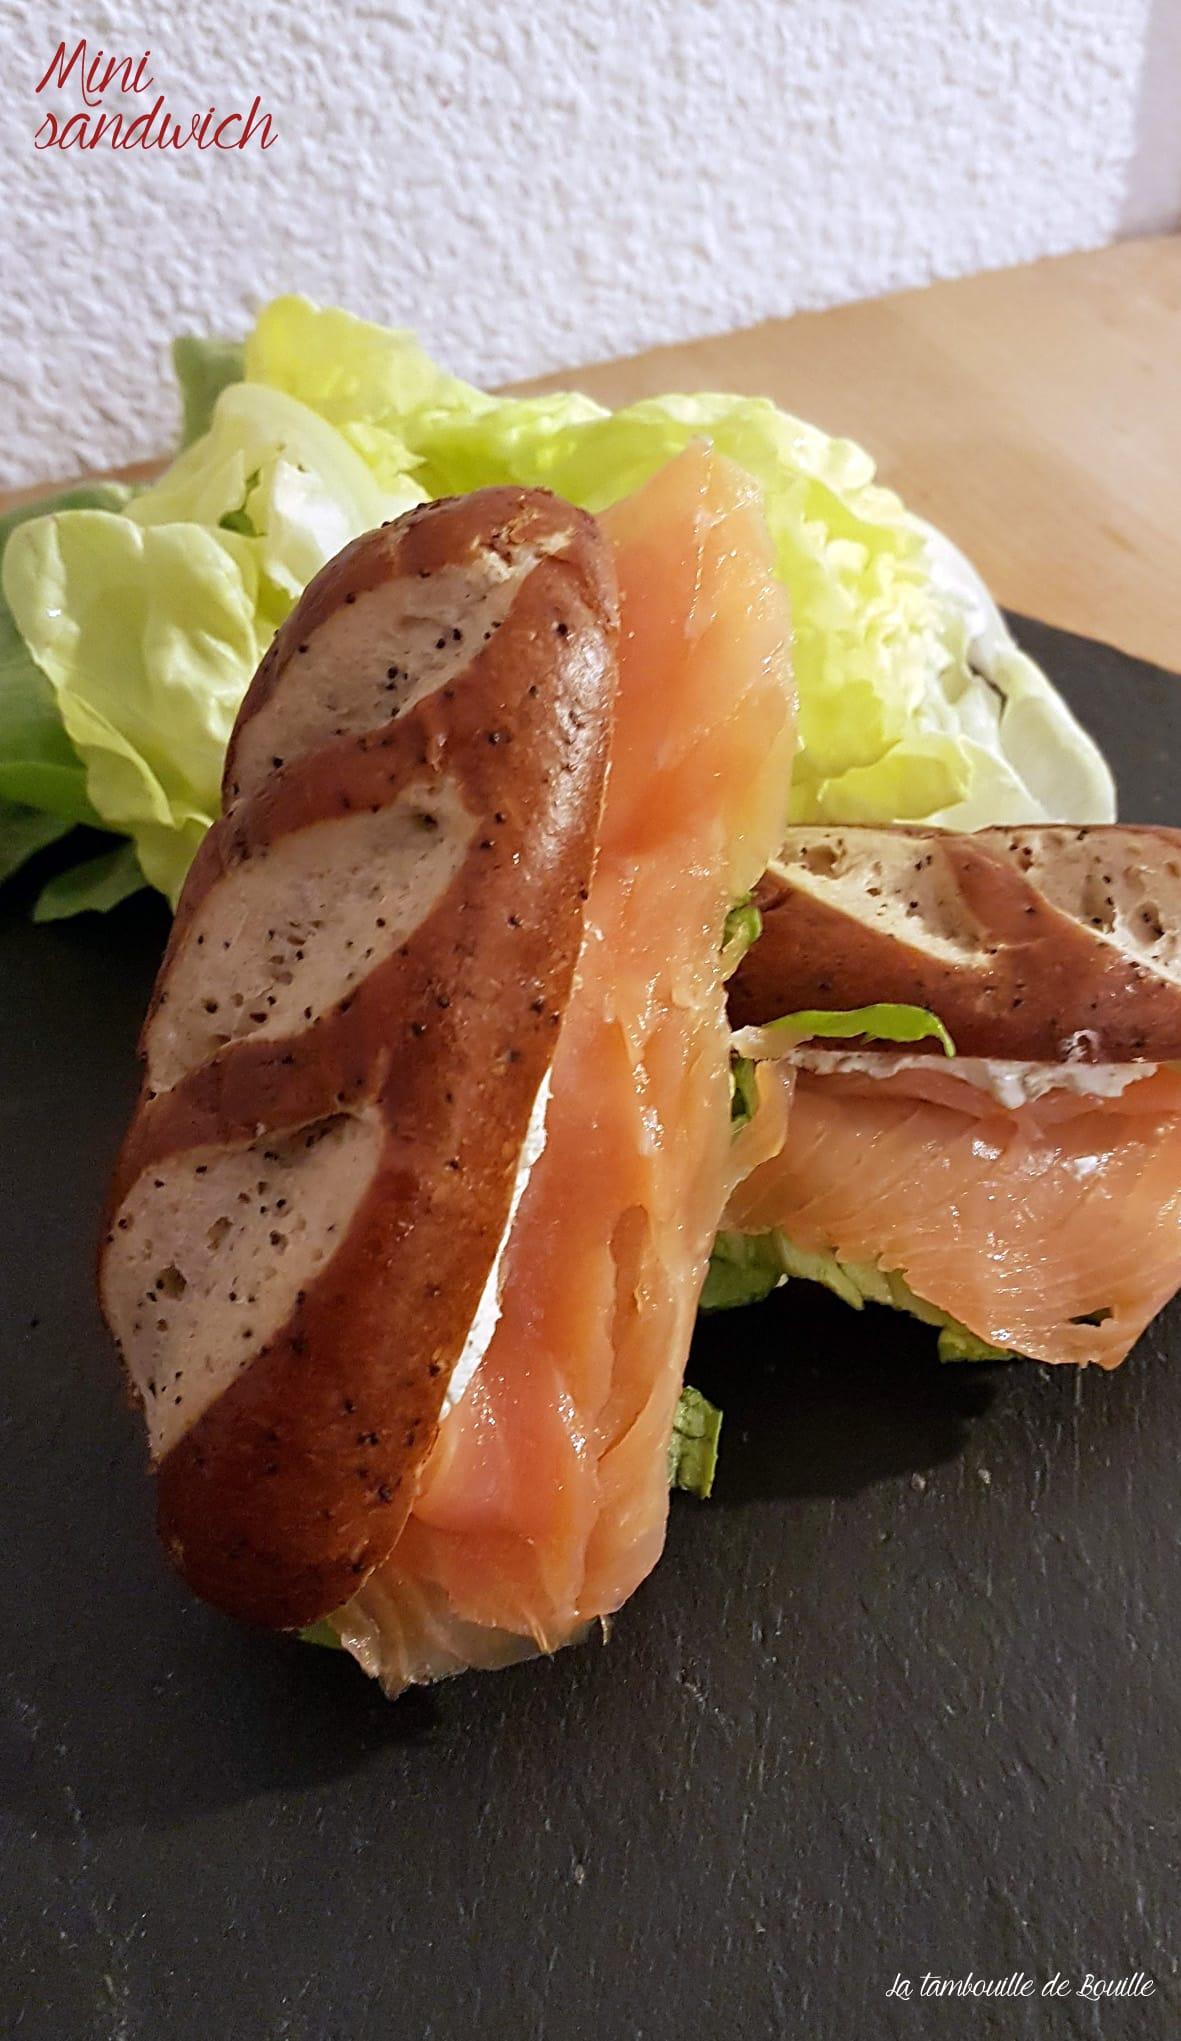 Minis sandwichs avec les pains façon Bretzel Pasquier (avis)